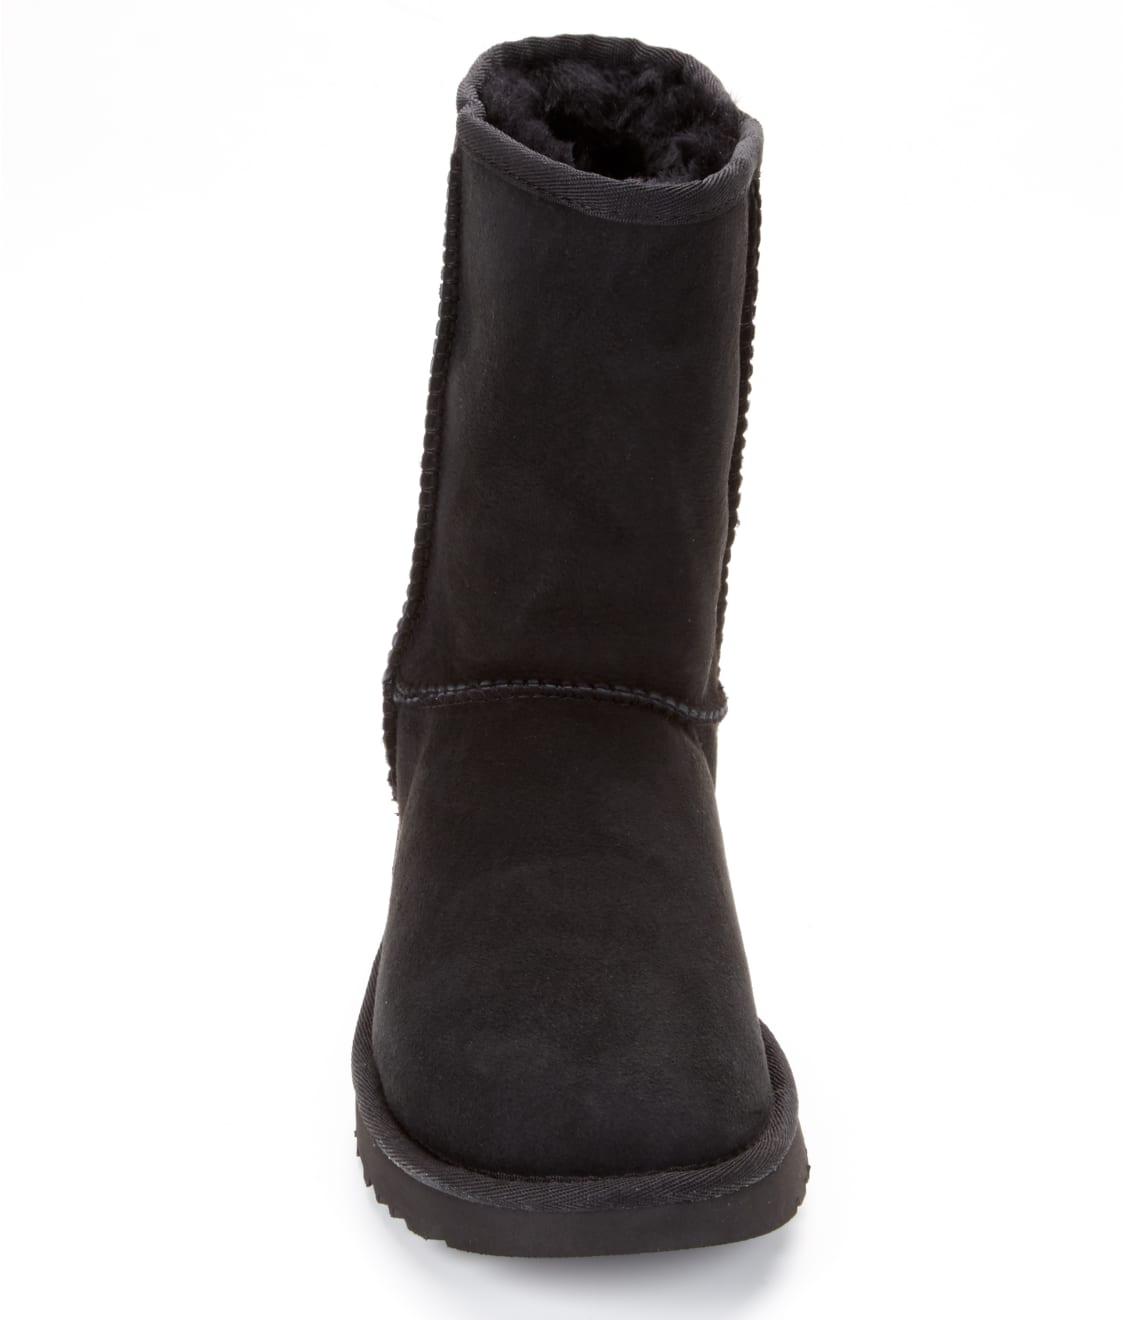 ugg boots Classic Mini II sverige